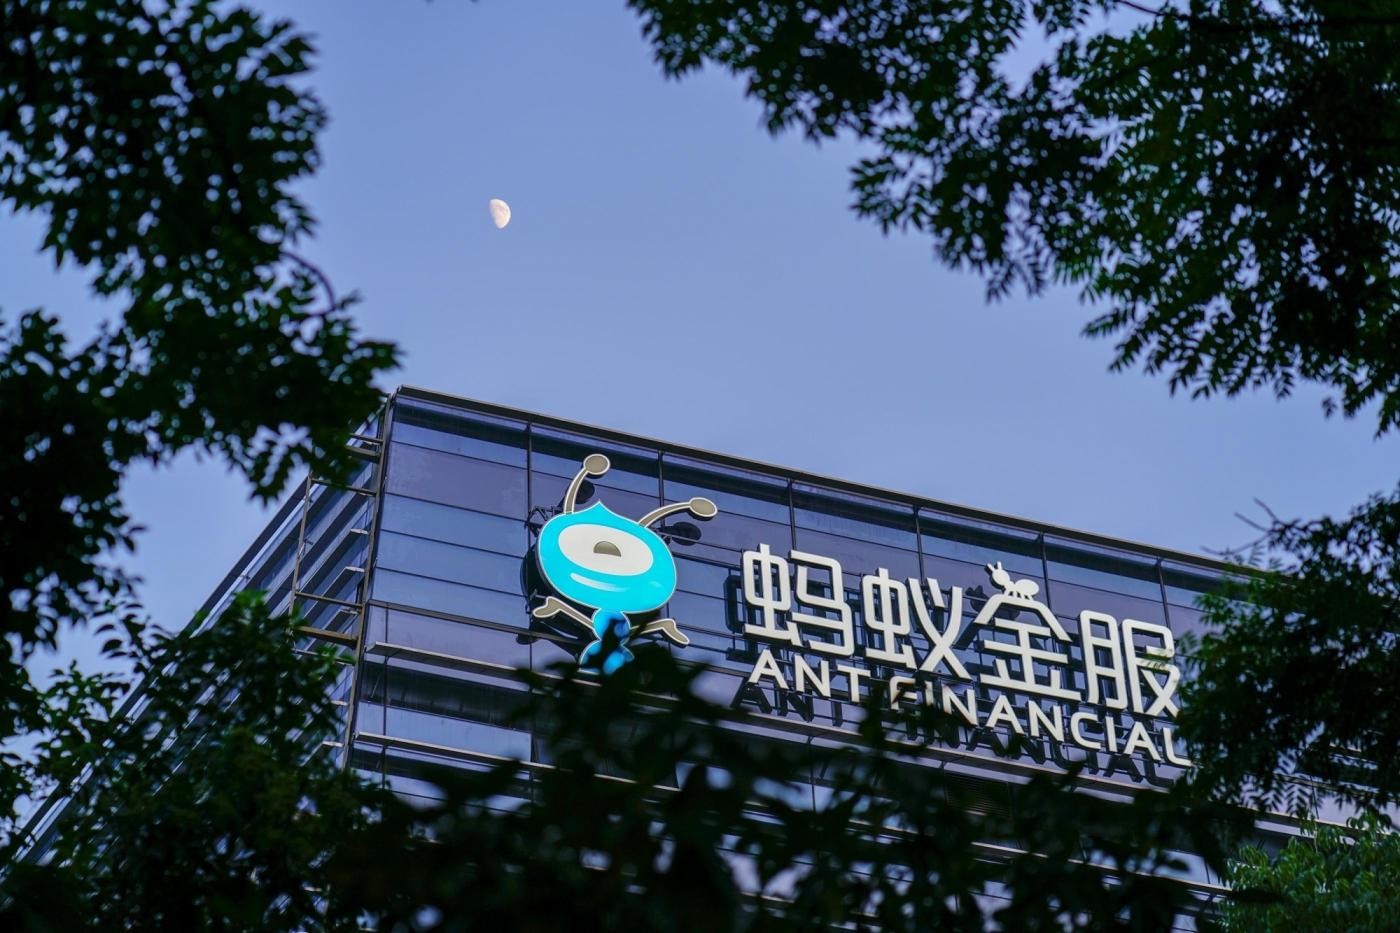 螞蟻集團上市夭折引發大地震!中國金融科技公司瑟瑟發抖,習近平大刀砍向哪裡?